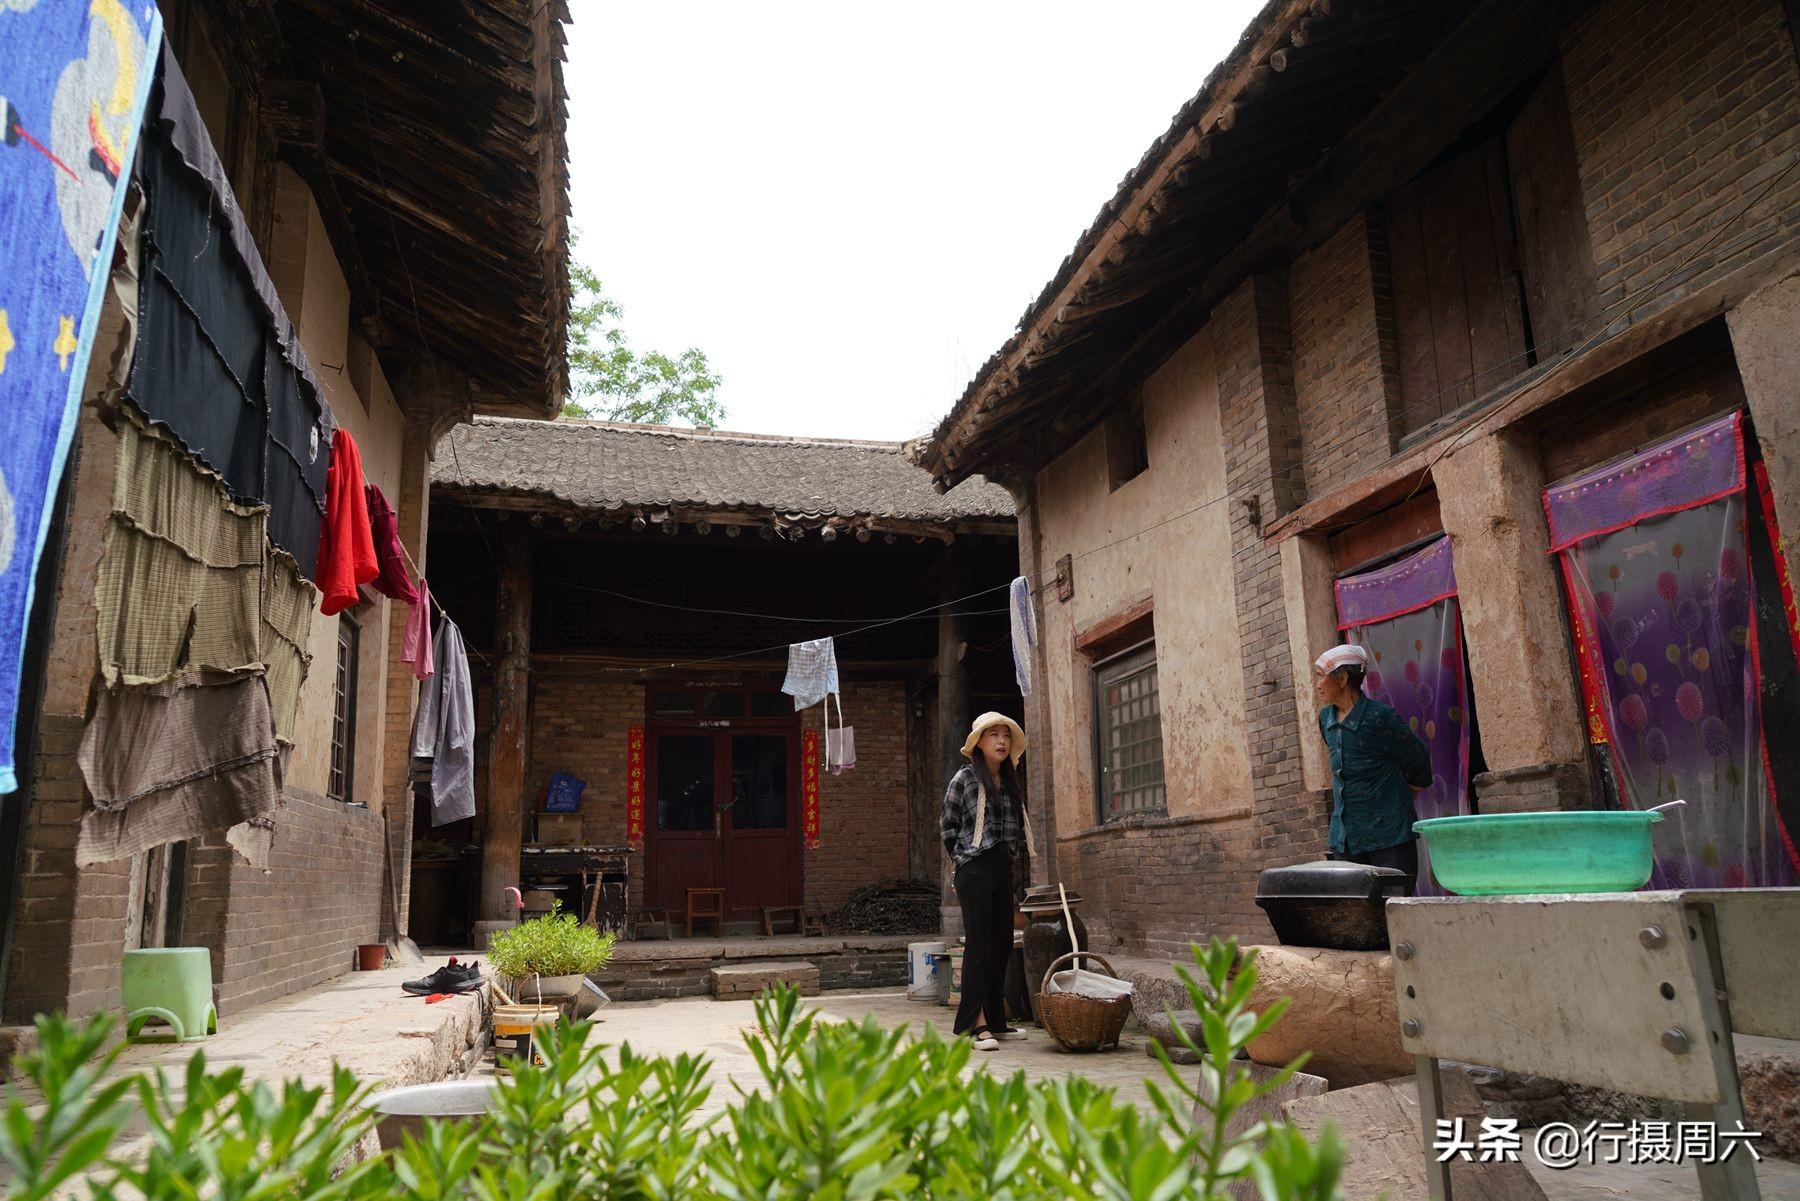 8旬老人住百年老屋 38度高温睡觉还要盖被子